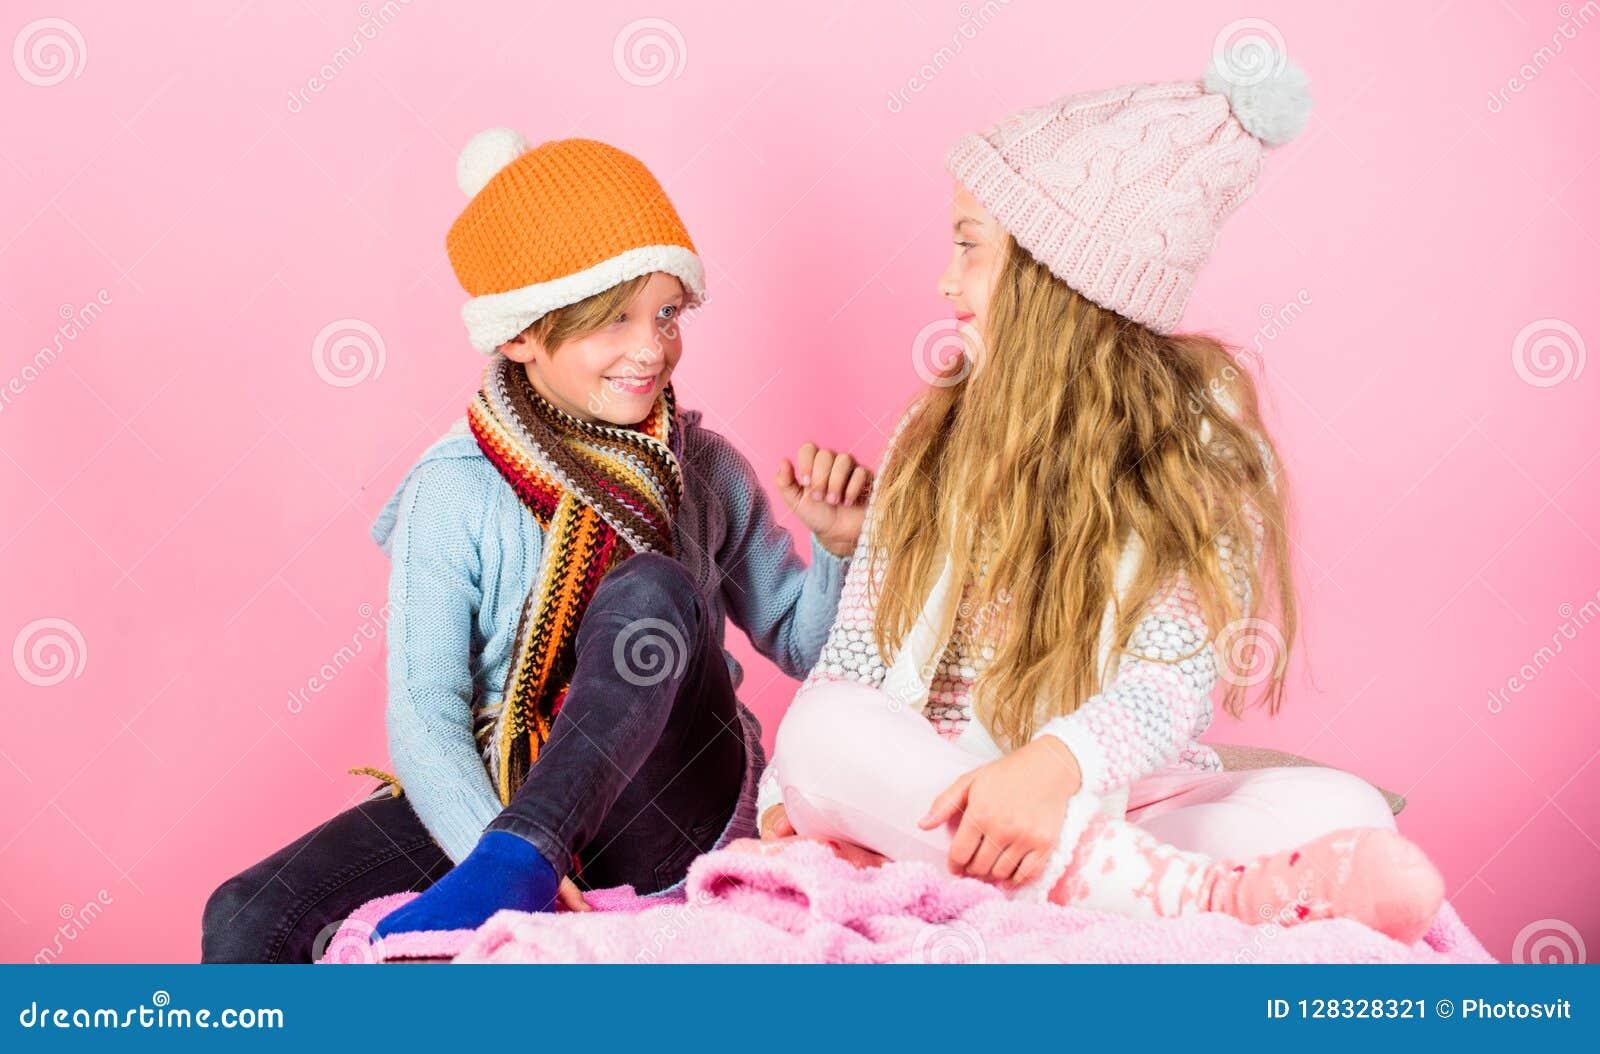 Gestrickte Winterhüte des Mädchens und des Jungen Abnutzung Wintersaisonmode-accessoires und -kleidung Kinder strickten Winterhüt